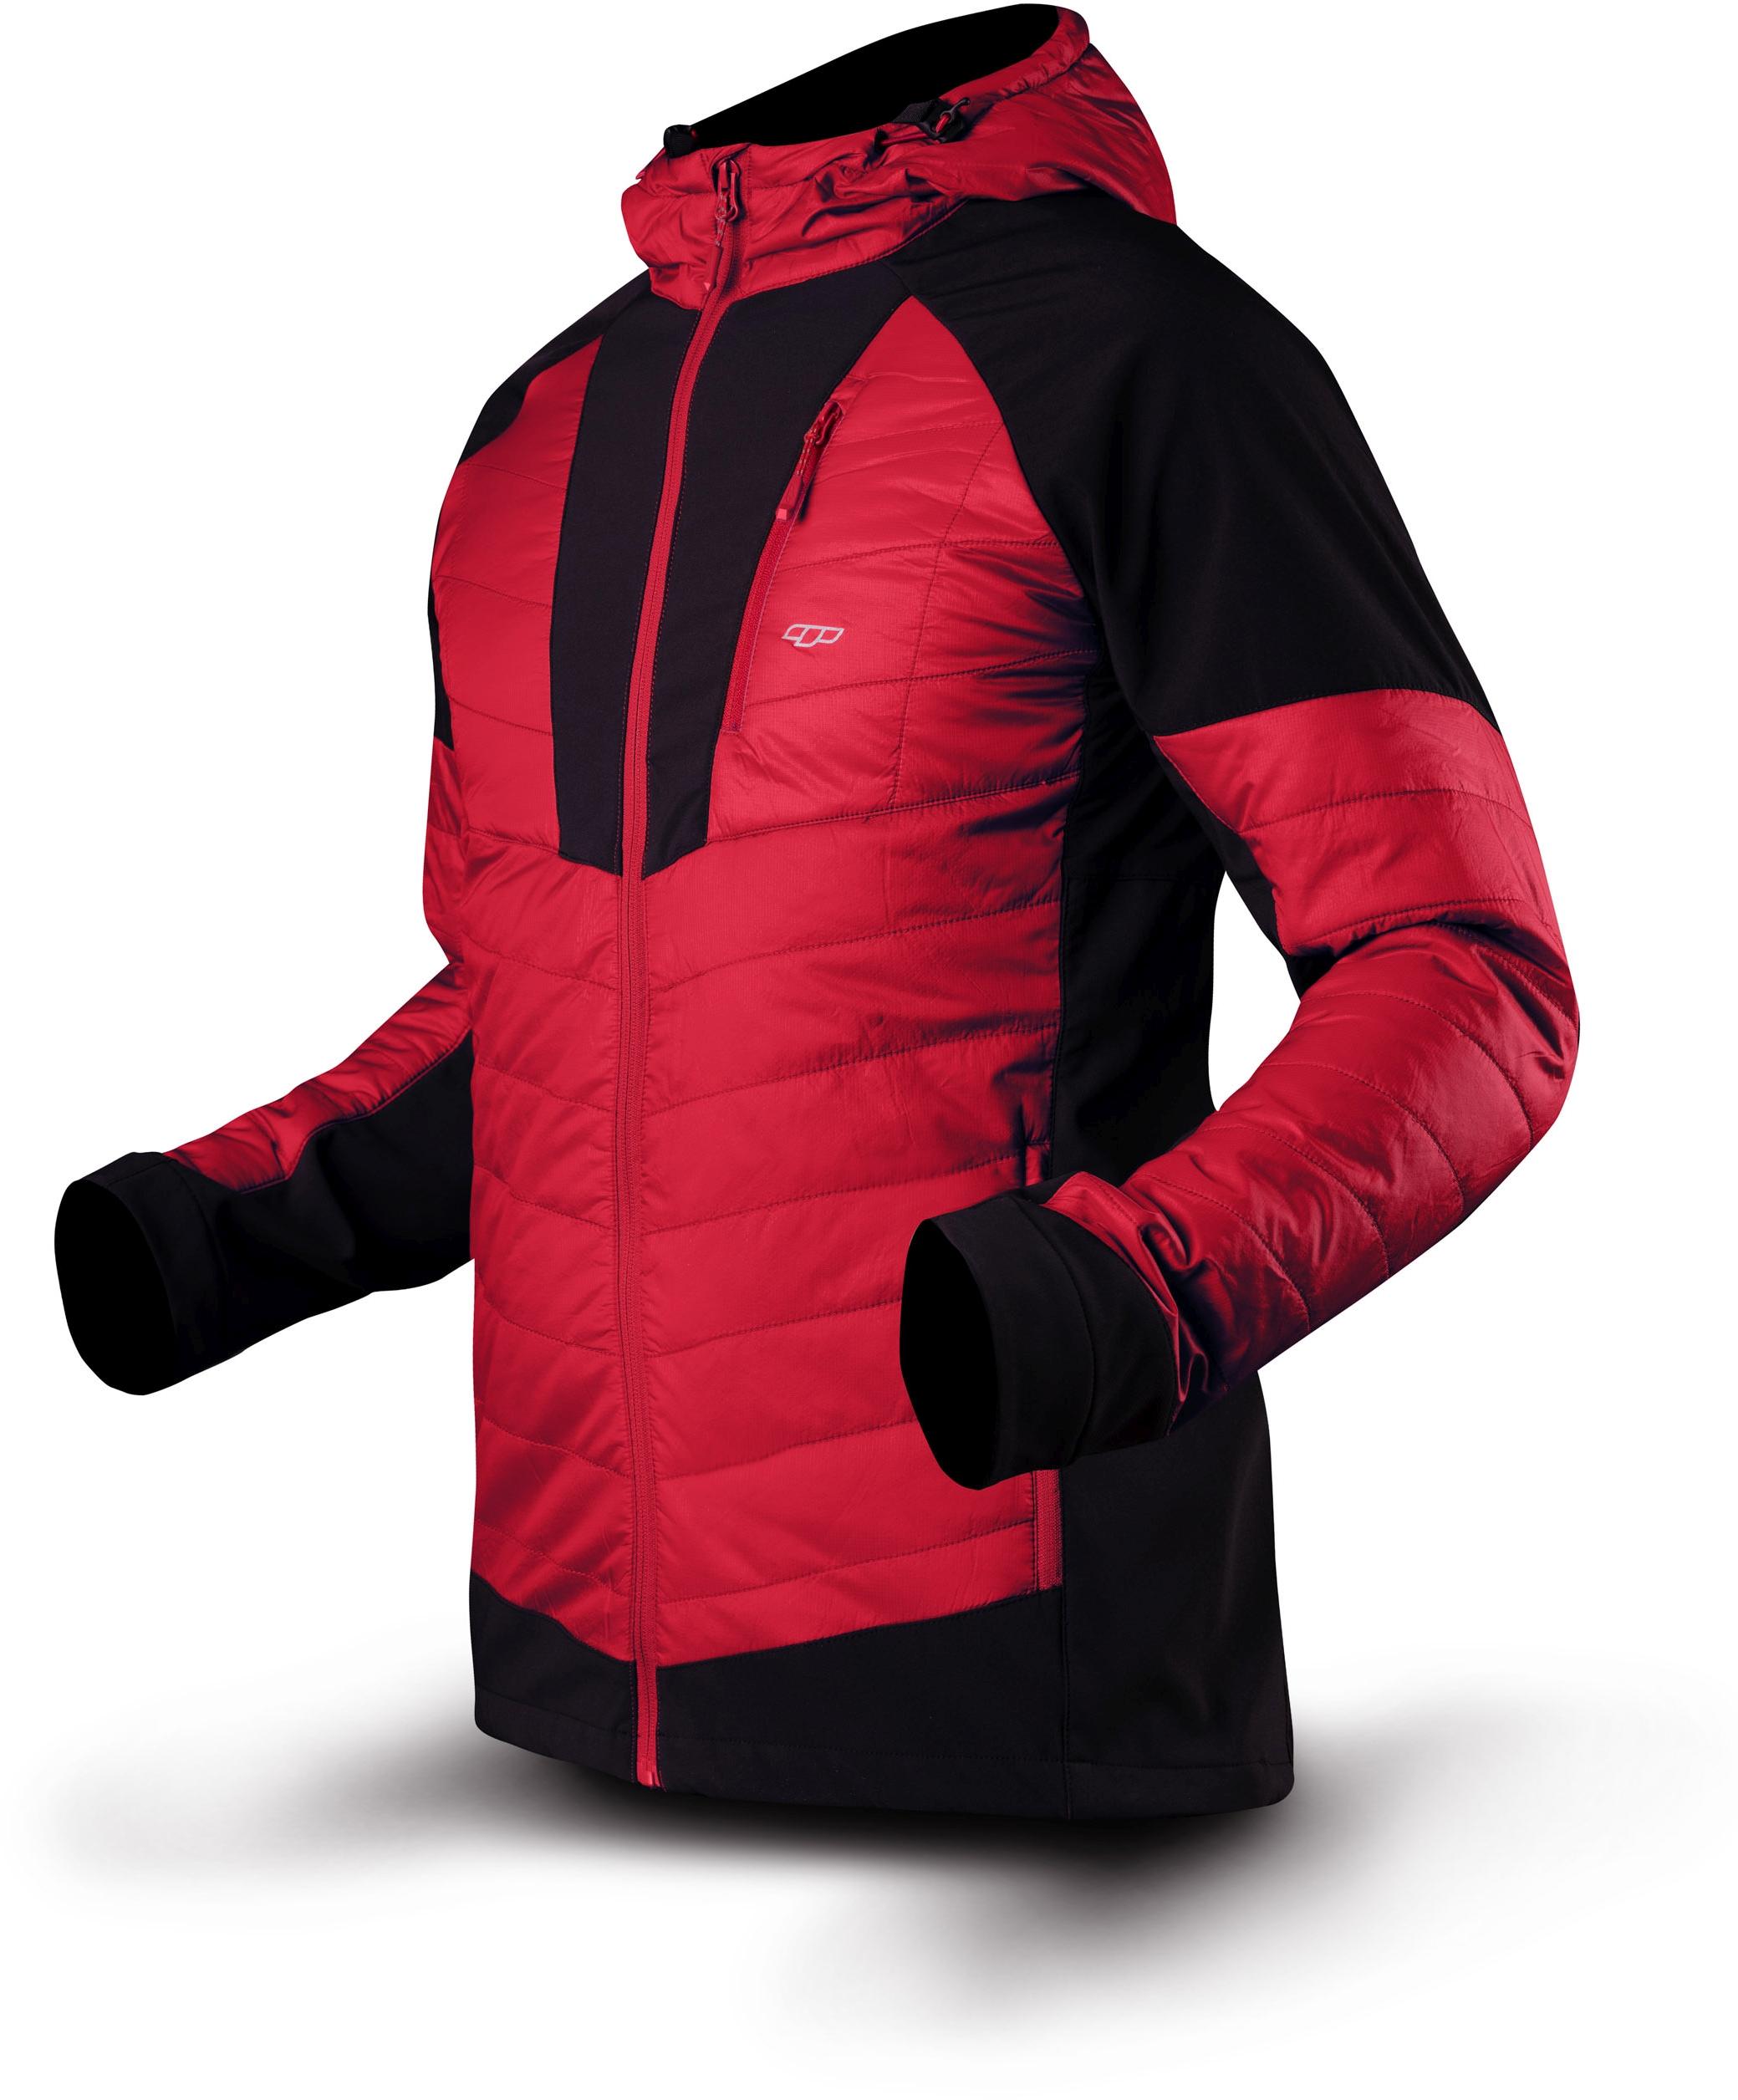 Trimm pánská bunda MAROL red Velikost: M pánská bunda